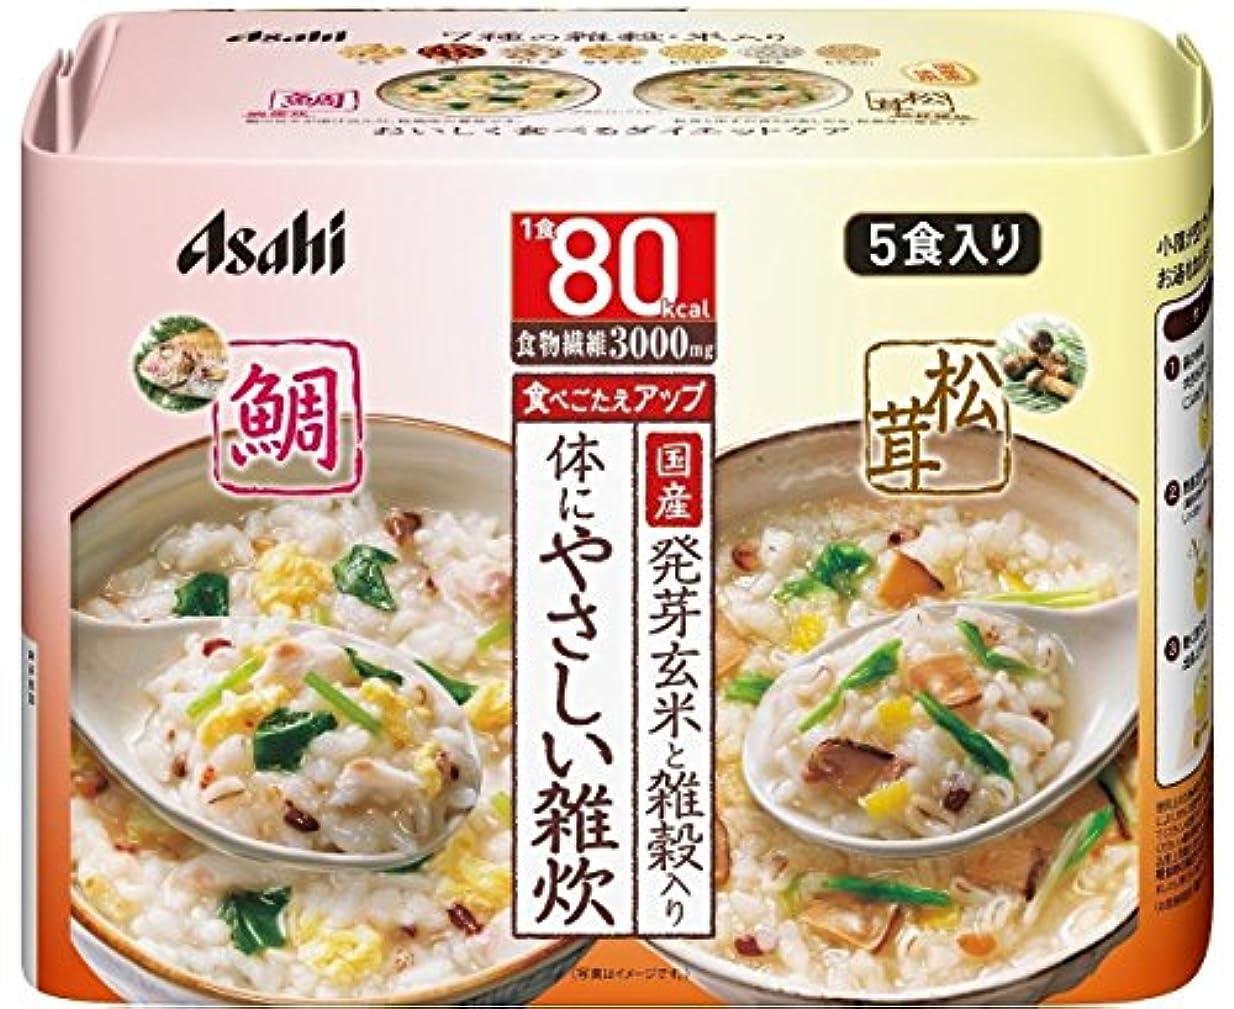 トリム城遺産アサヒグループ食品 リセットボディ 体にやさしい鯛&松茸雑炊 5食